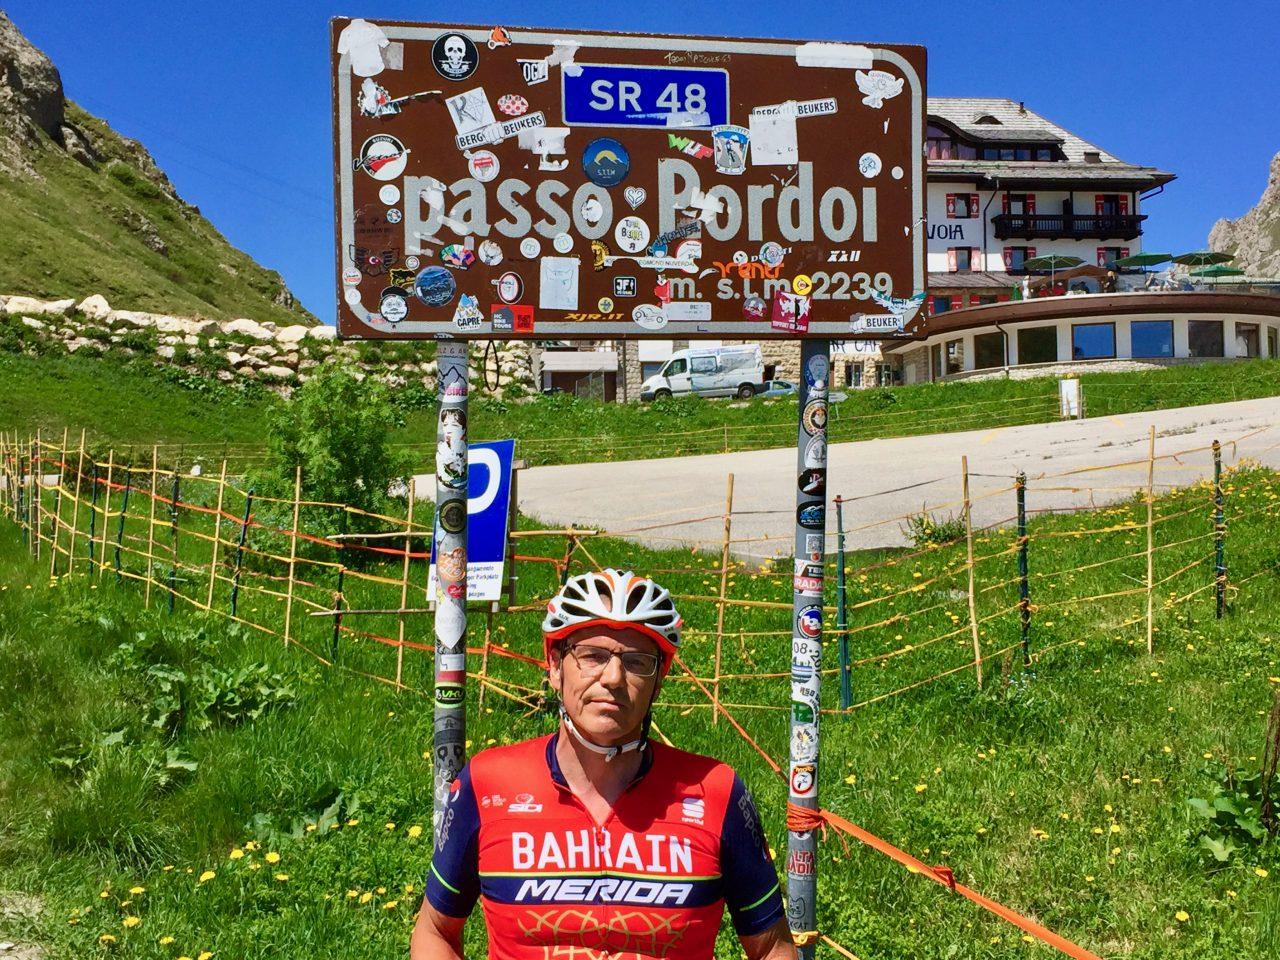 Martin, Passo Pordoi, Dolomites, Italy